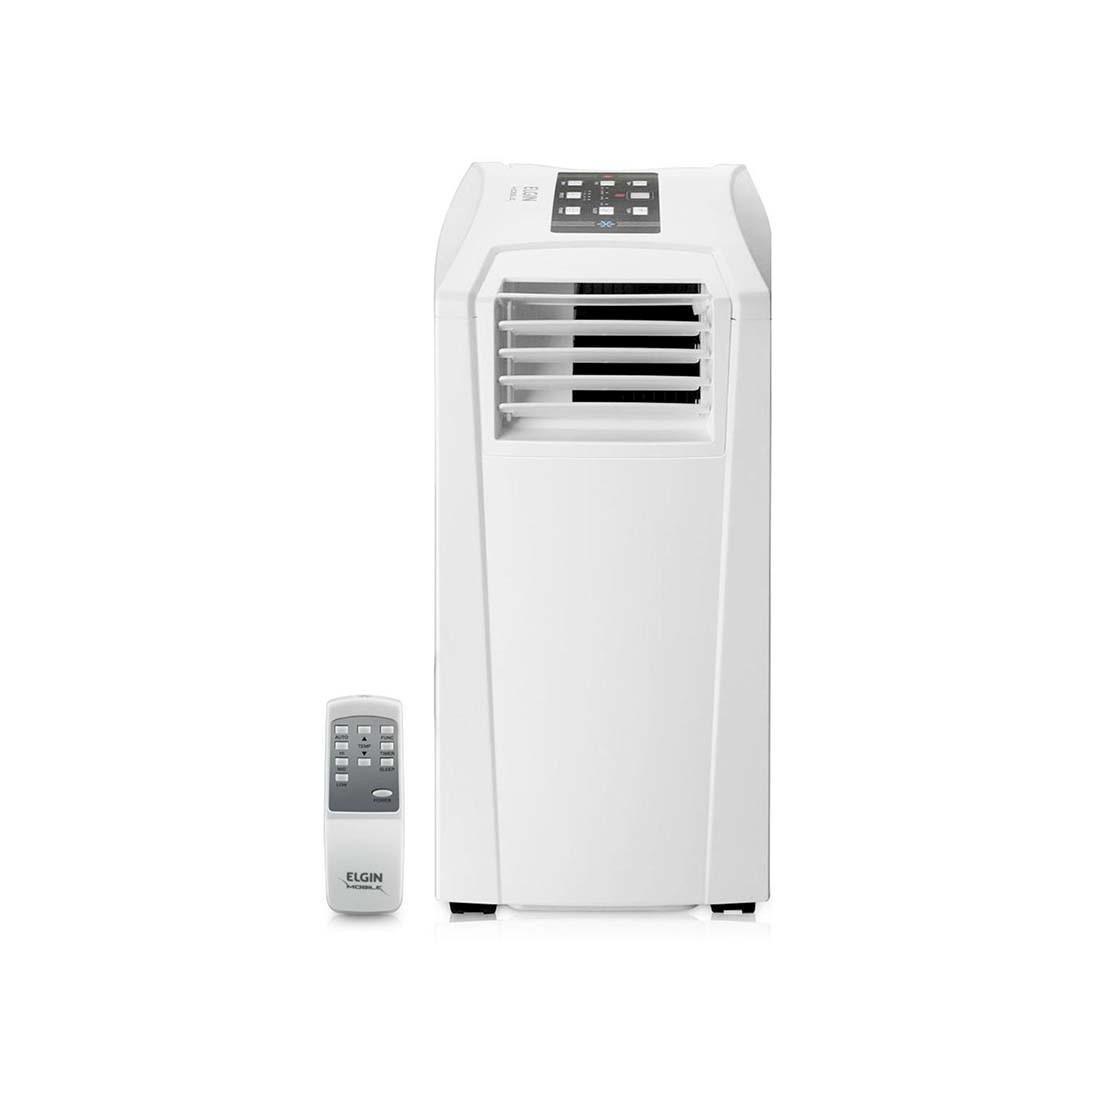 431df92cf ar condicionado portátil elgin maf-9000 quente e frio 220v. Carregando zoom.